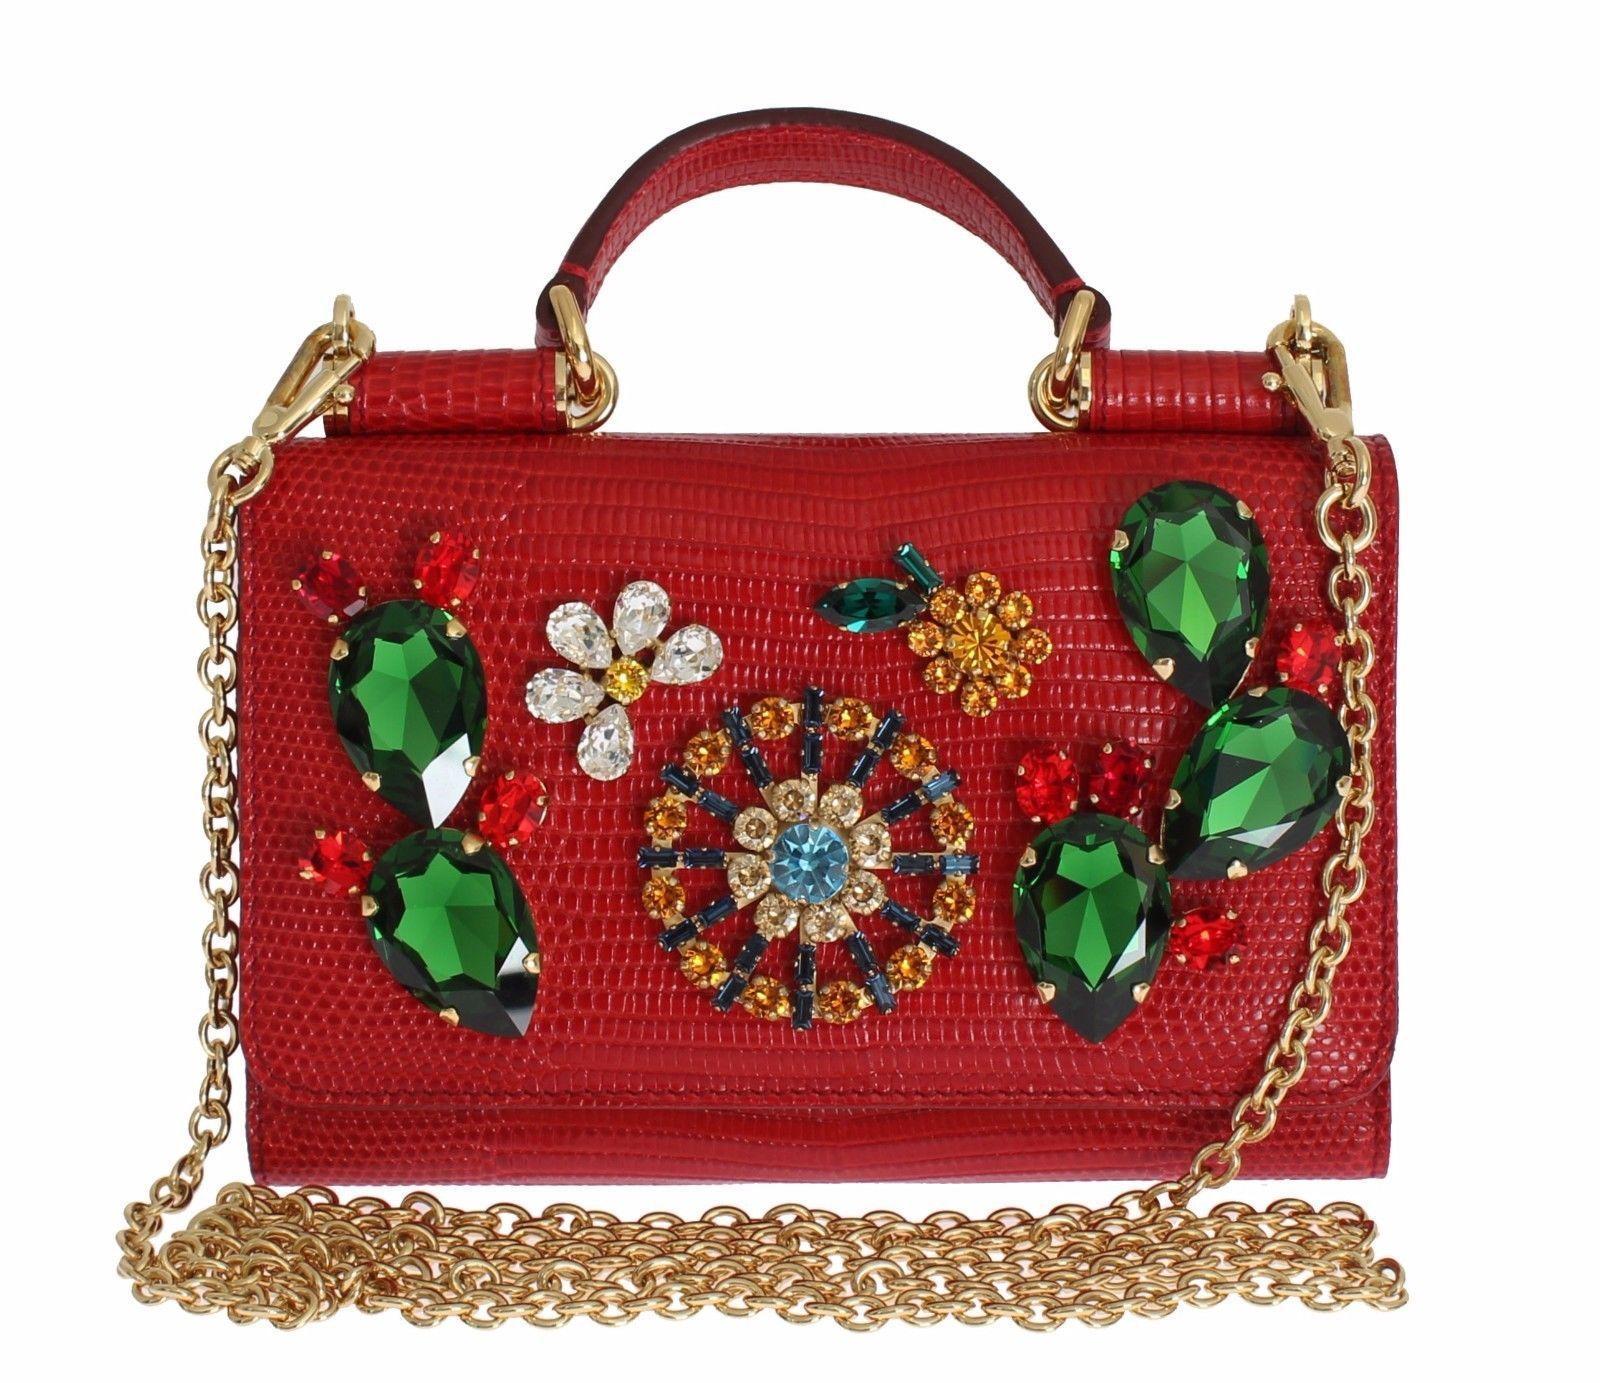 3423a944a7 Dolce   Gabbana Purse Mini VON Red Lizard Skin Crystal Carretto ...